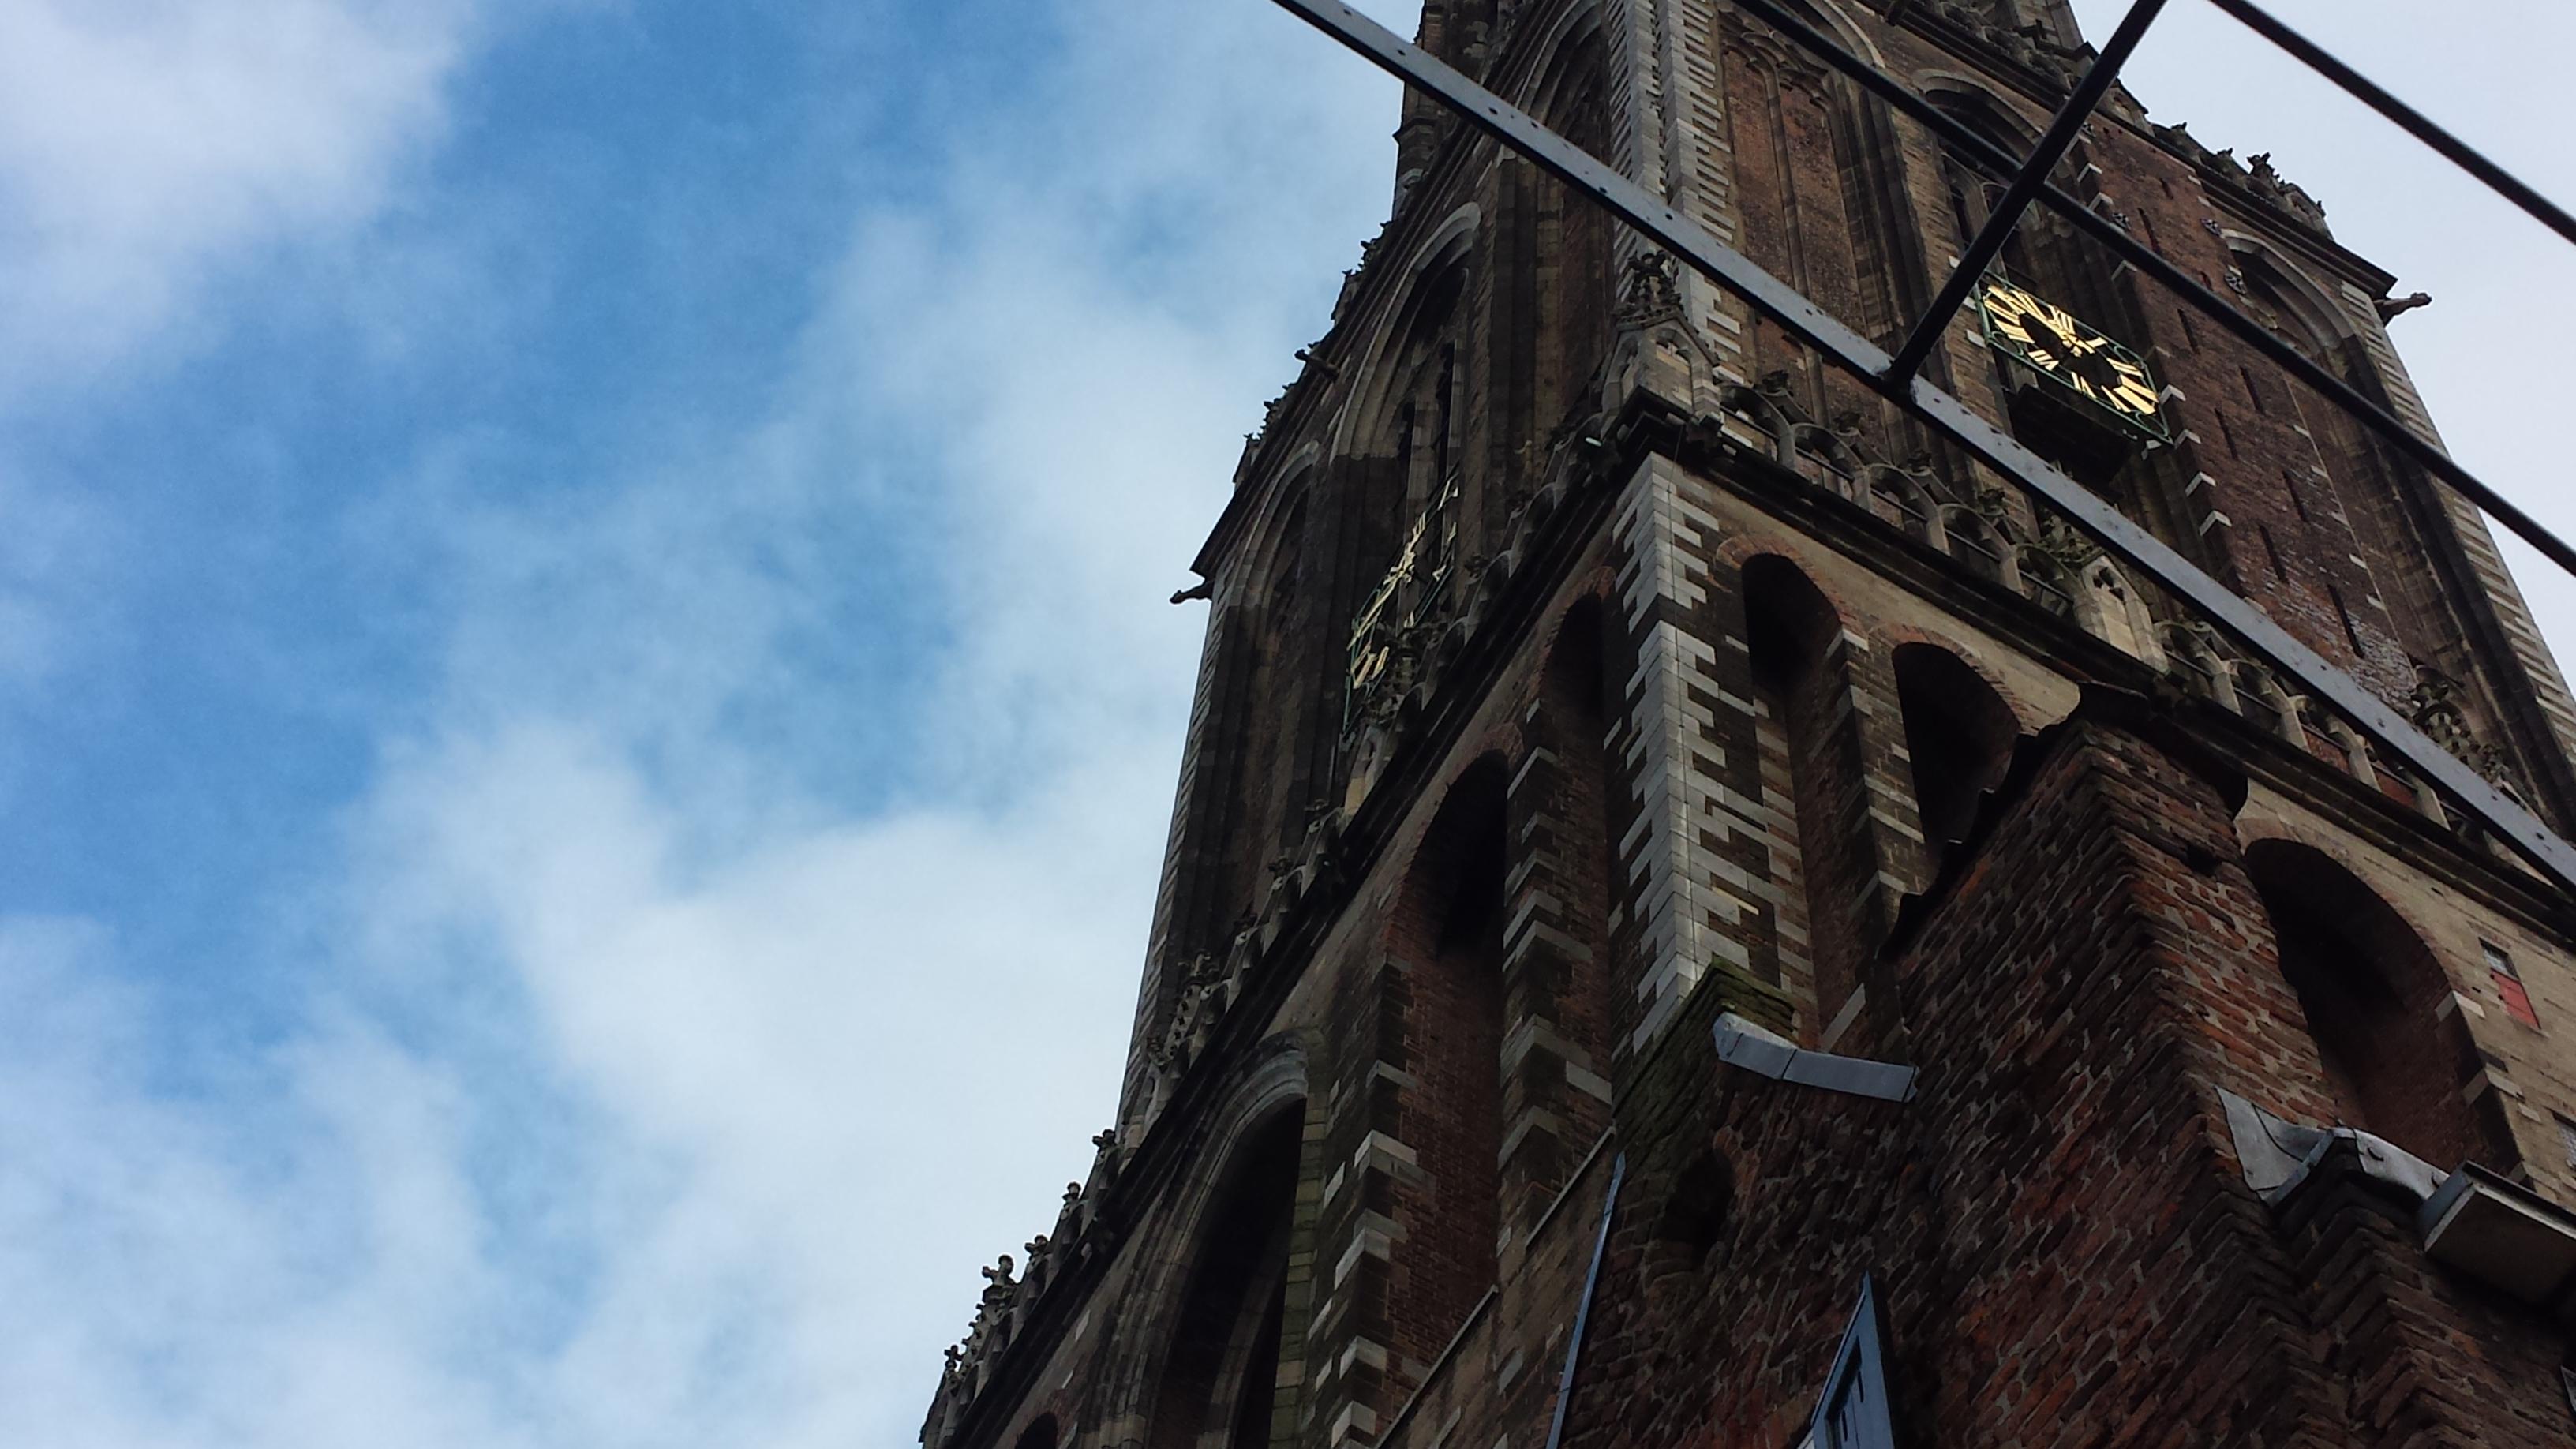 Dom Tower seen from Flora's Hof Utrecht